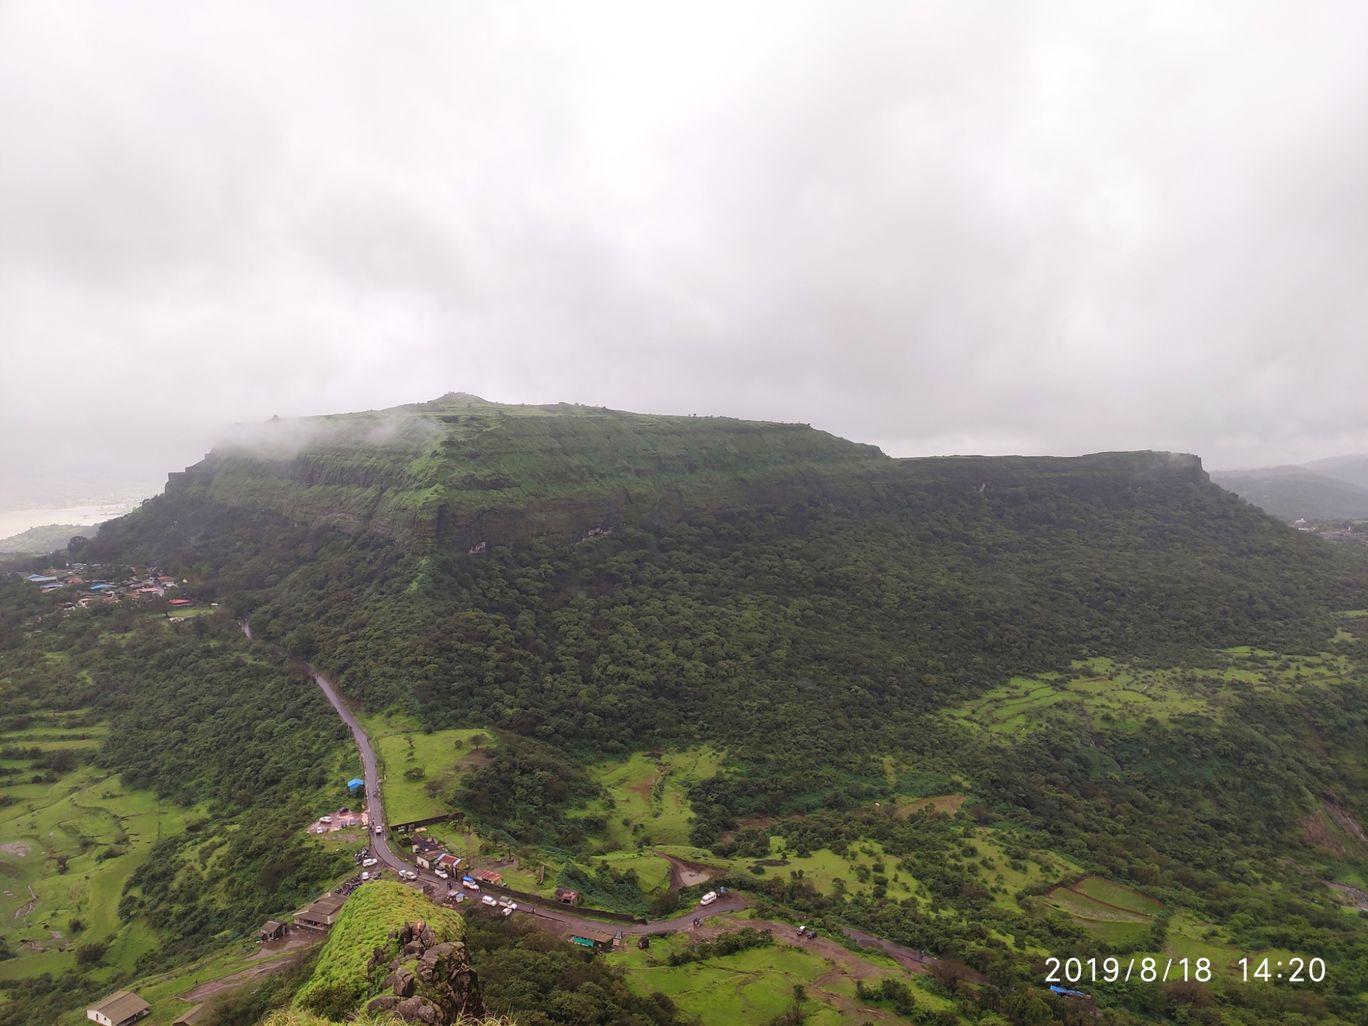 Photo of Visapur Fort By Tushar Adivarekar